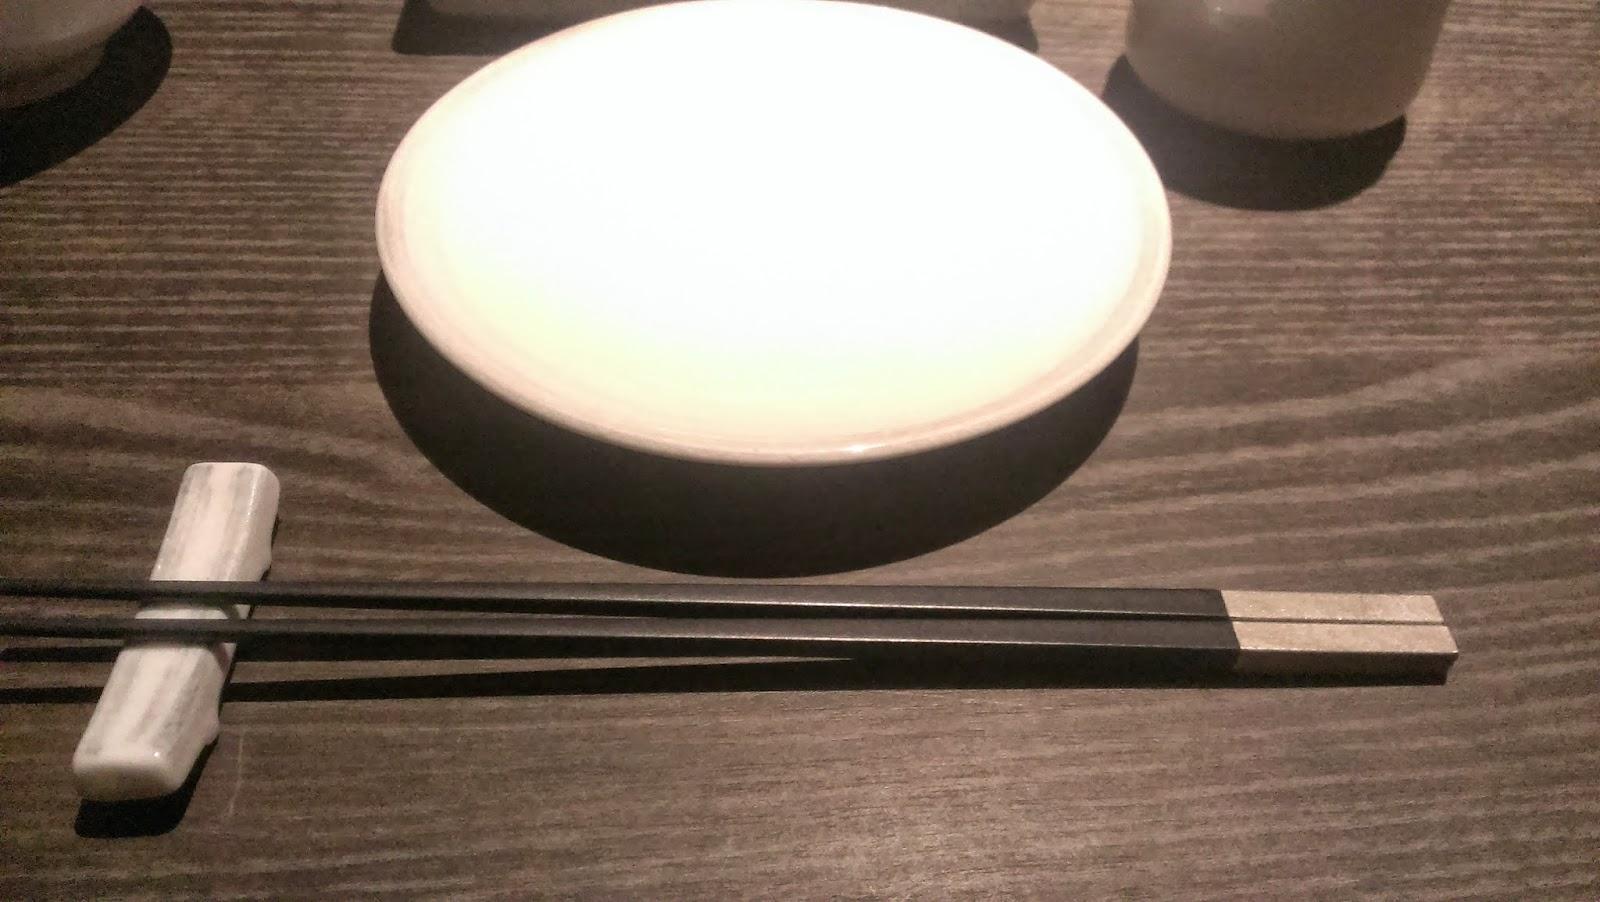 2014 11 08%2B18.29.29 - [食記] 香聚鍋 - 高價、精緻的火鍋,食材新鮮多樣適合好久不見的小聚